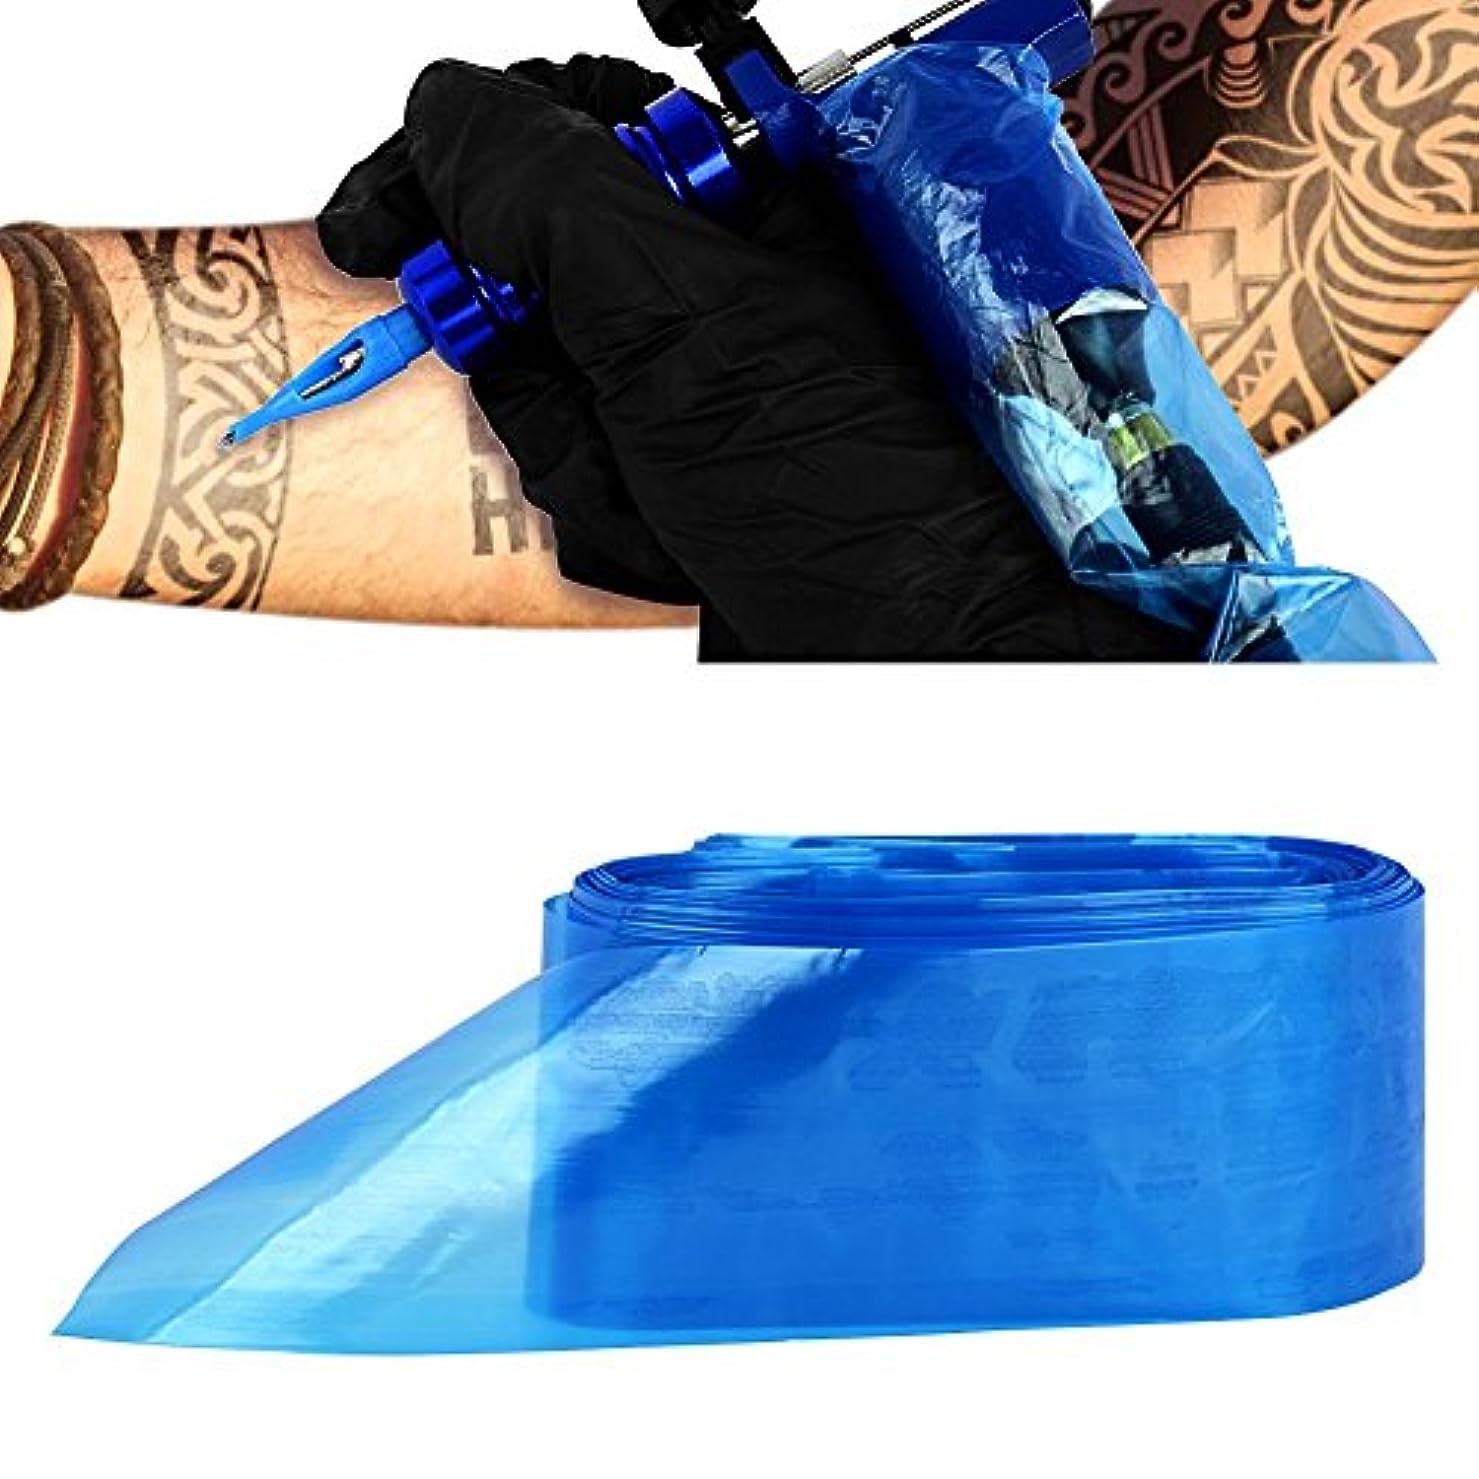 うるさい気になるに負けるATOMUS タトゥークリップカバー バッグ タトゥ コード スリーブバッグ タトゥーマシンのため 使い捨て ブルー 100PCS